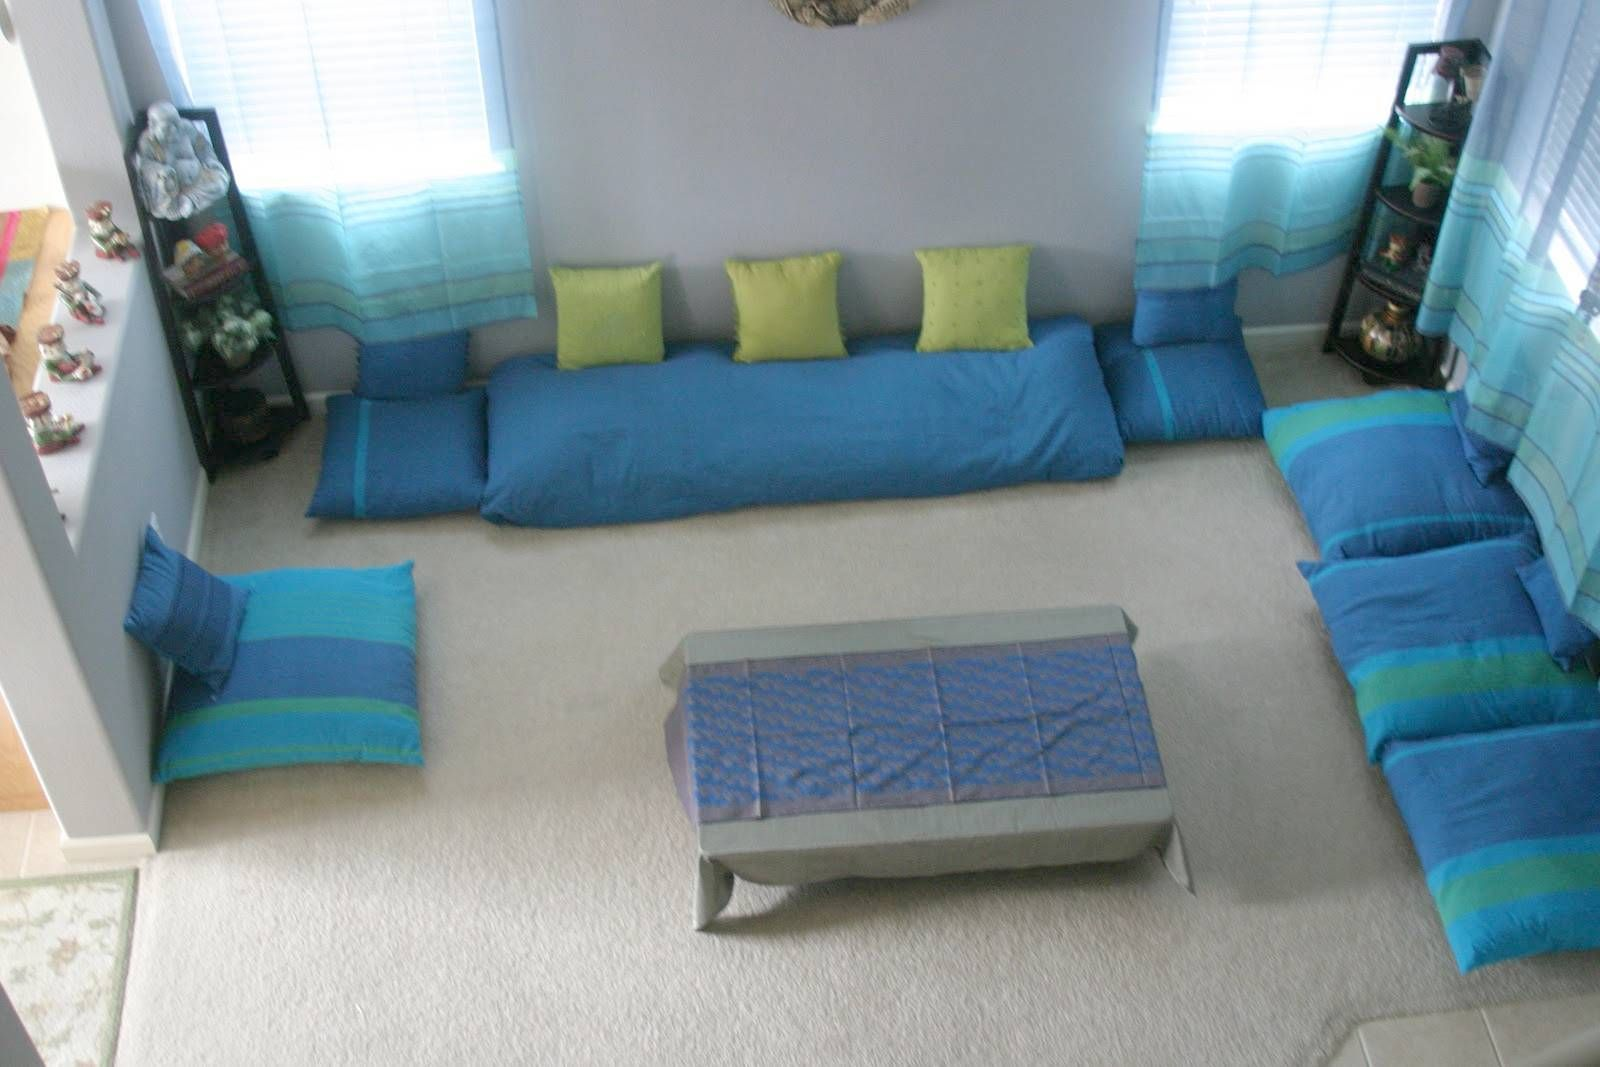 Hasil gambar untuk floor sitting cushion living room